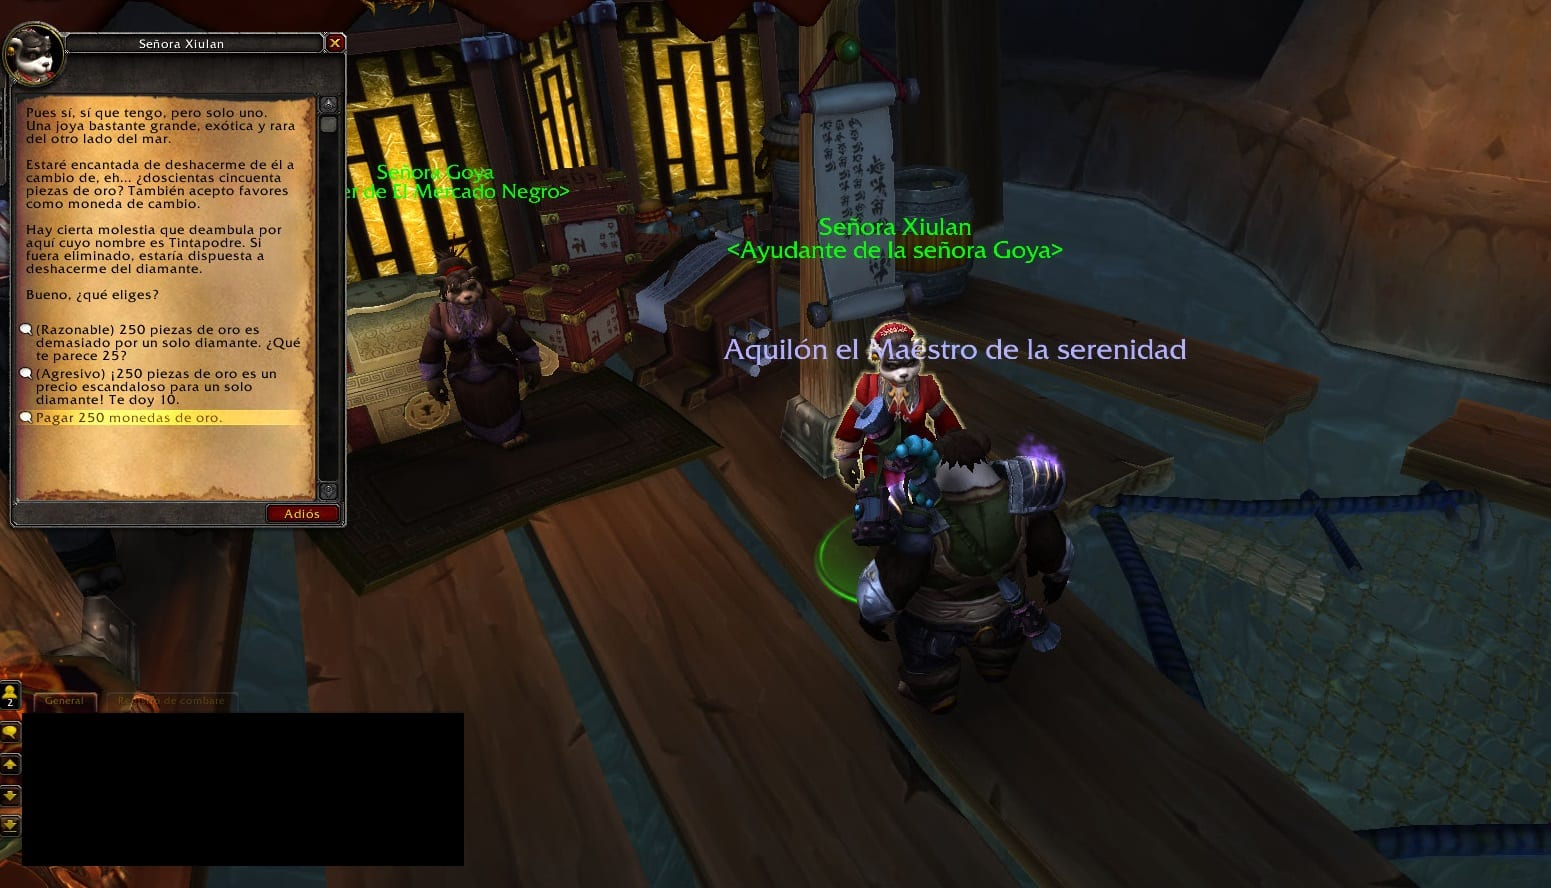 señora xiulan misiones de joyería de legion